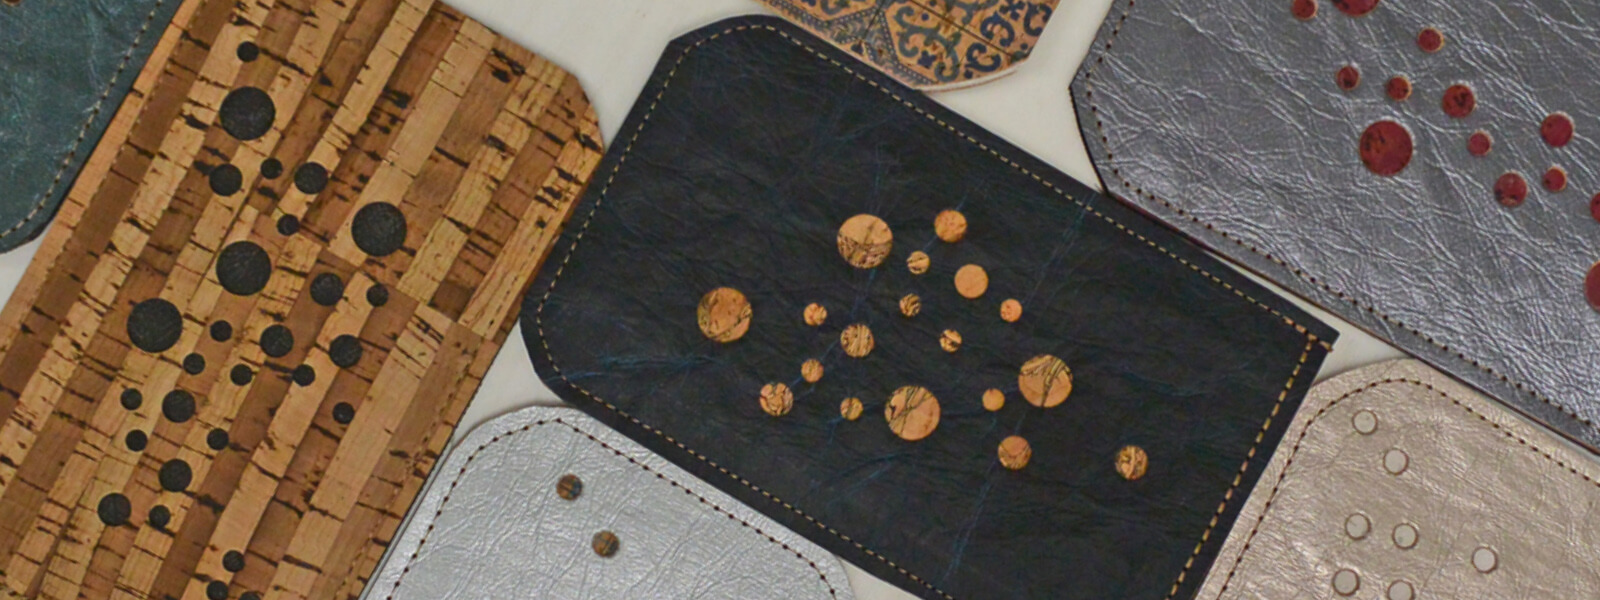 handyhüllen aus Korkleder und kulörtexx